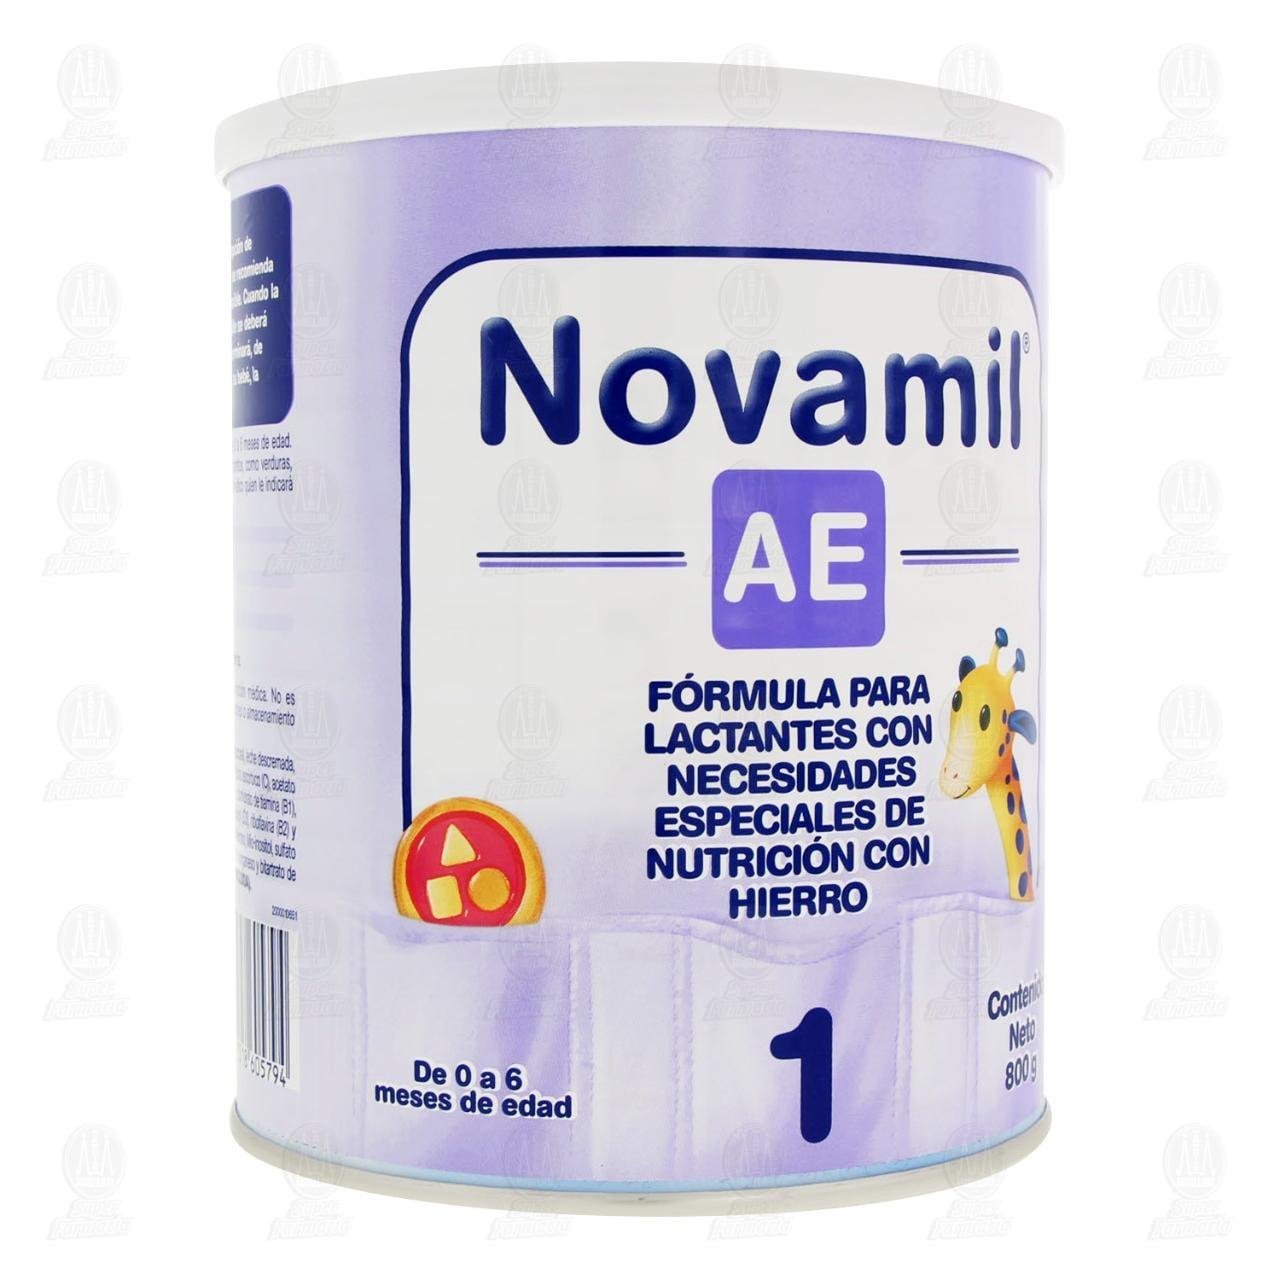 Comprar Fórmula Láctea Novamil AE Etapa 1 en Polvo (Edad 0-6 Meses), 800 gr. en Farmacias Guadalajara